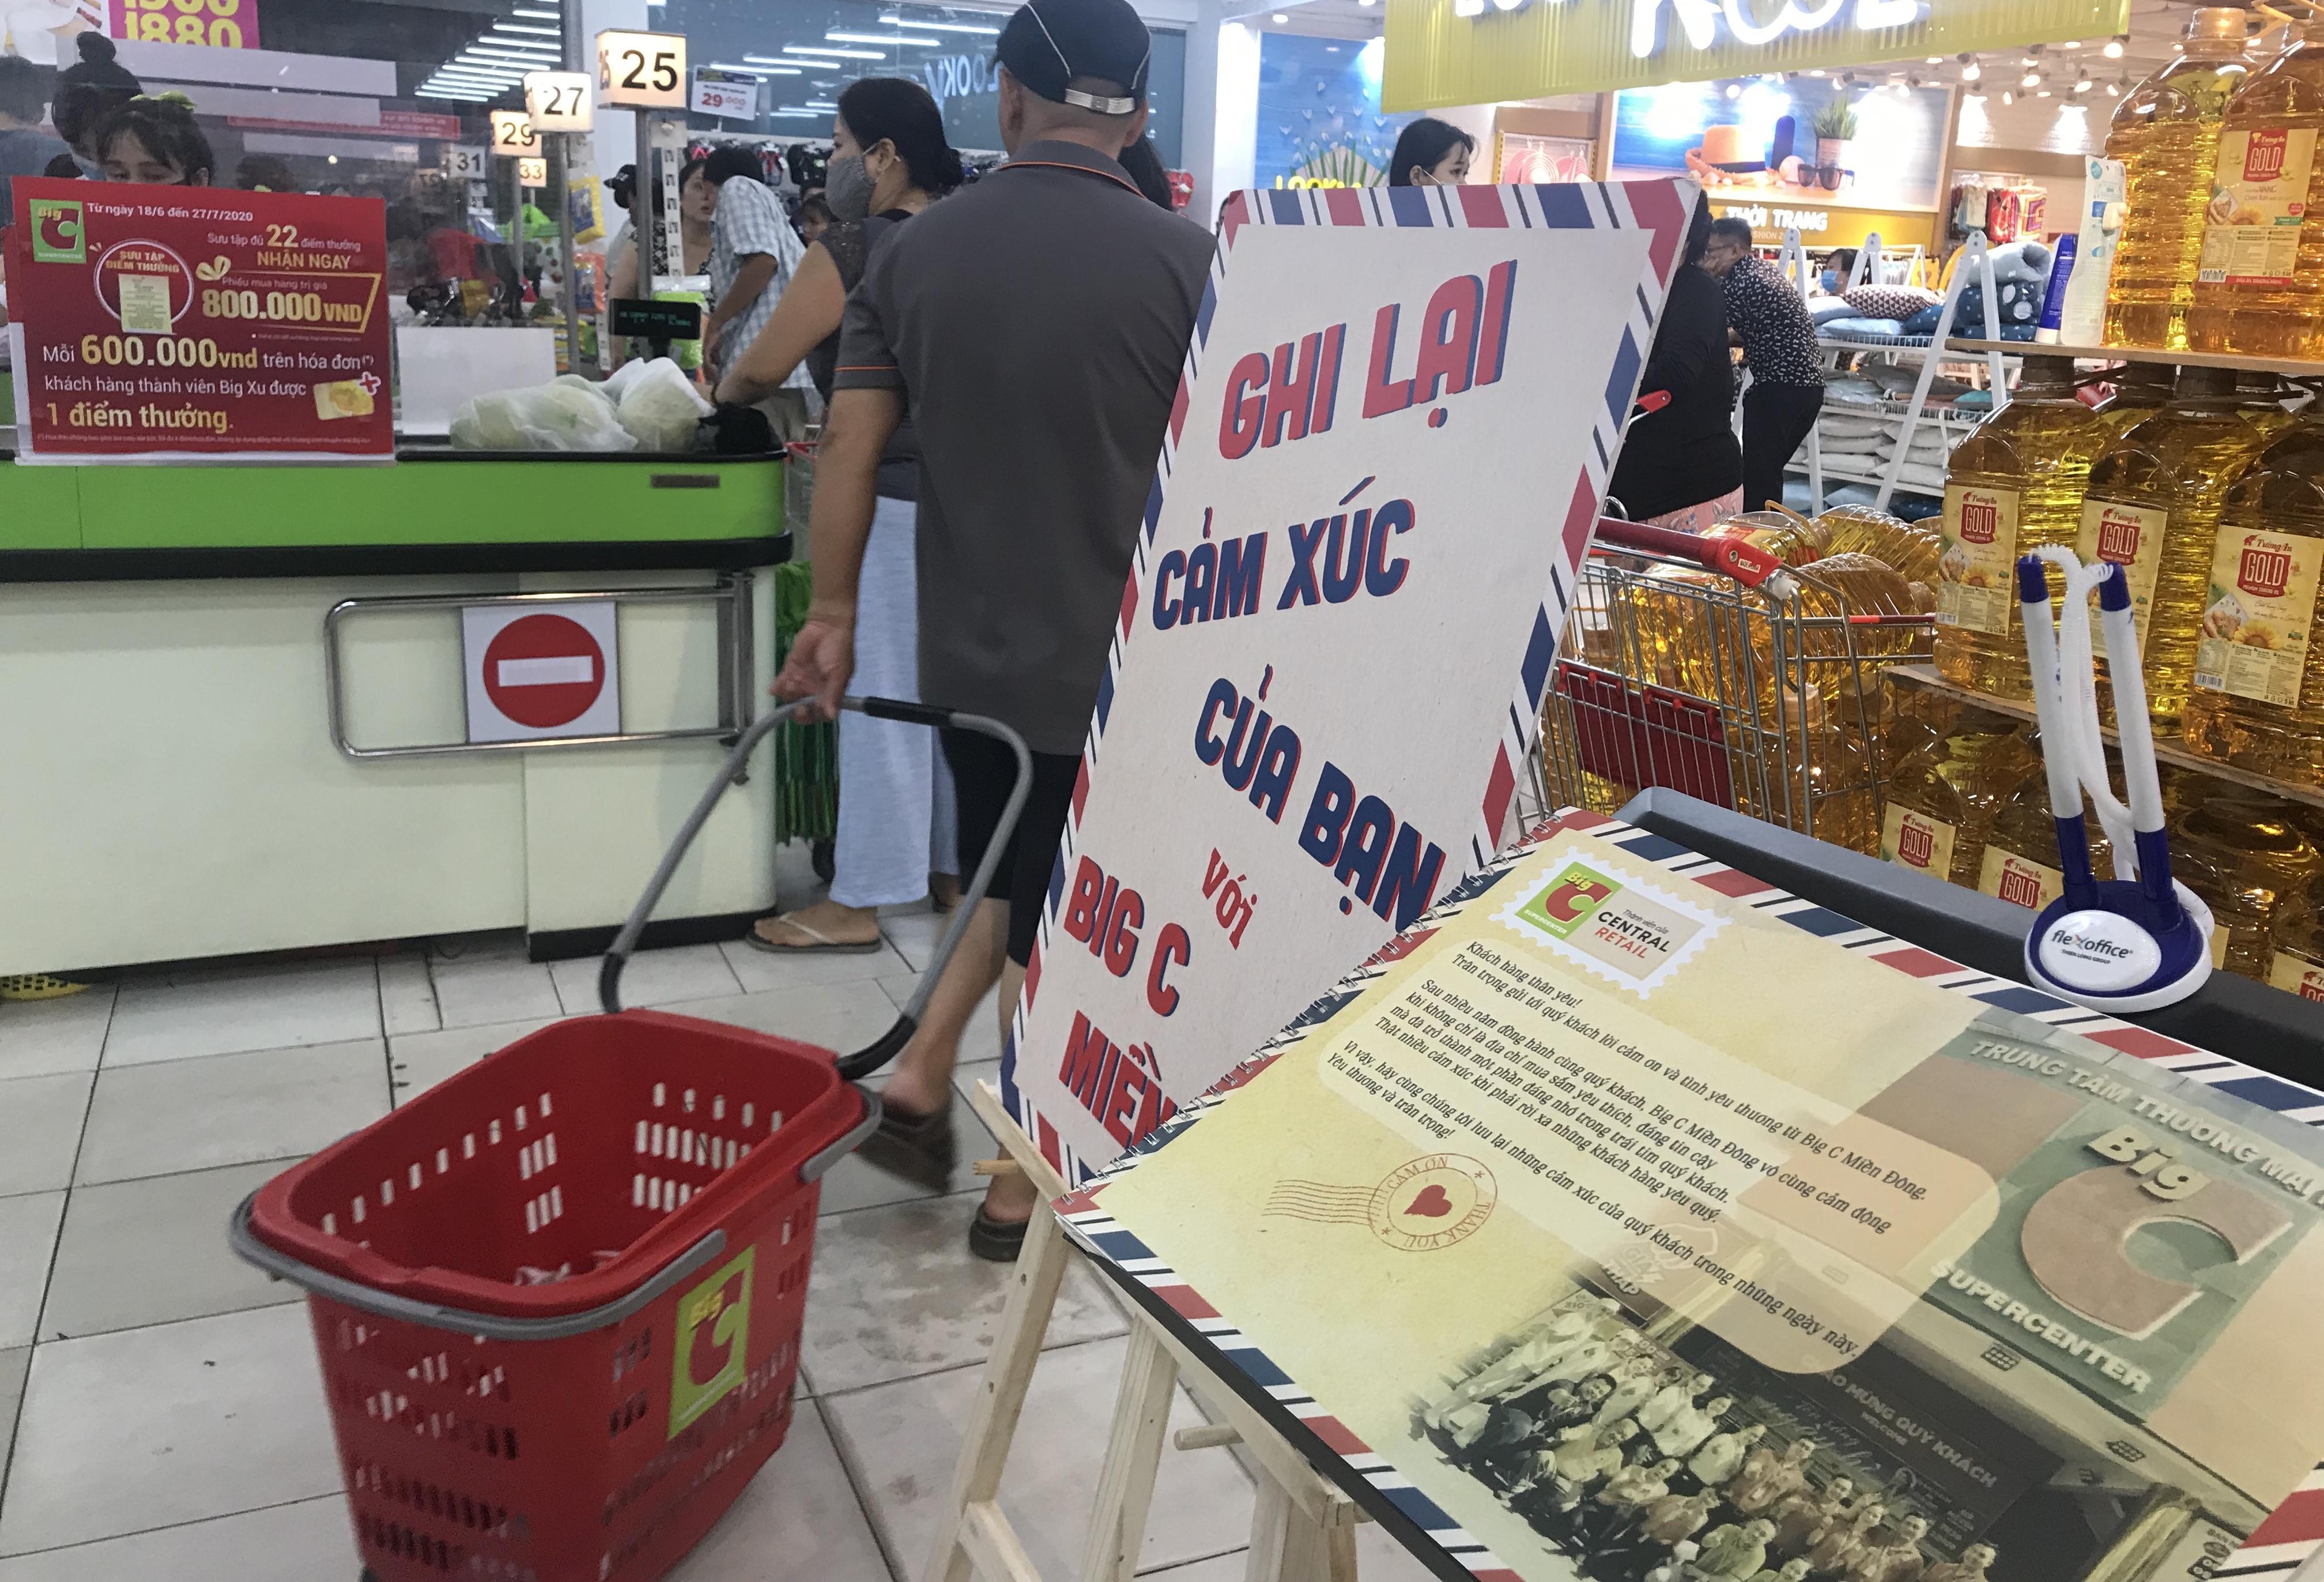 Chưa đóng cửa trả mặt bằng, Big C miền Đông tổ chức mừng sinh nhật 22 tuổi, khách thảnh thơi mua sắm - Ảnh 13.